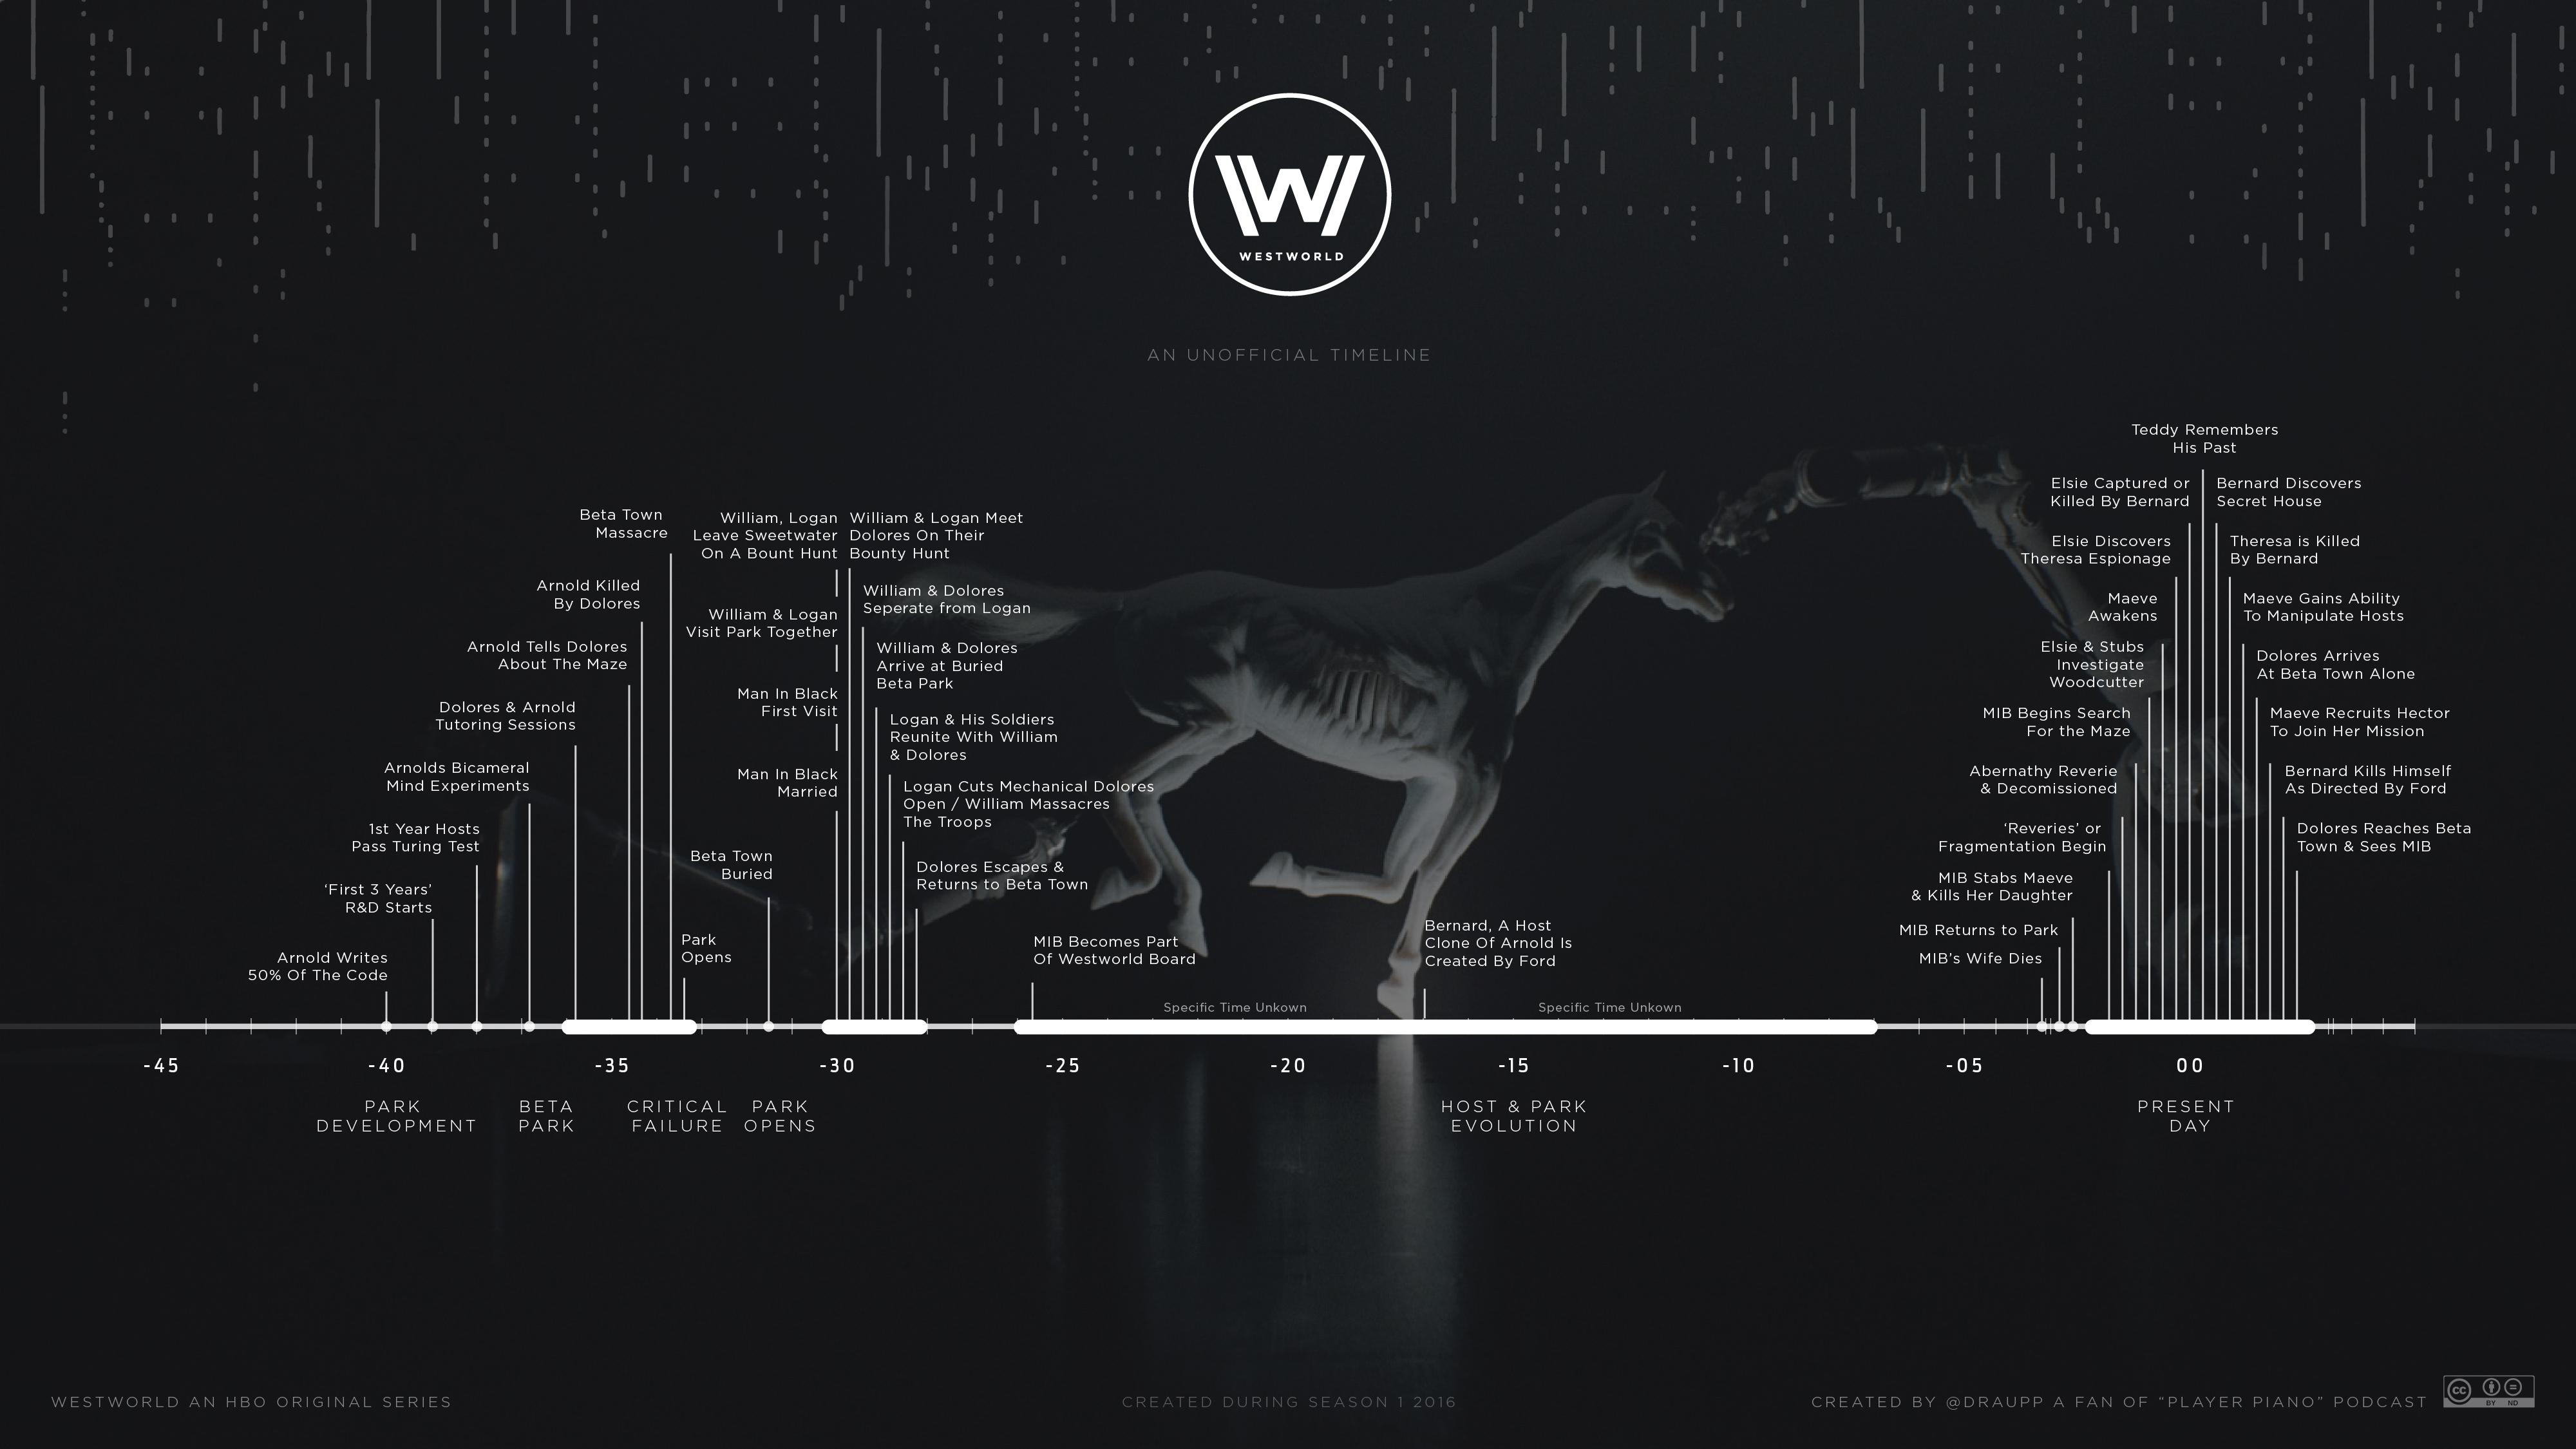 Les différentes périodes temporelles de Westworld